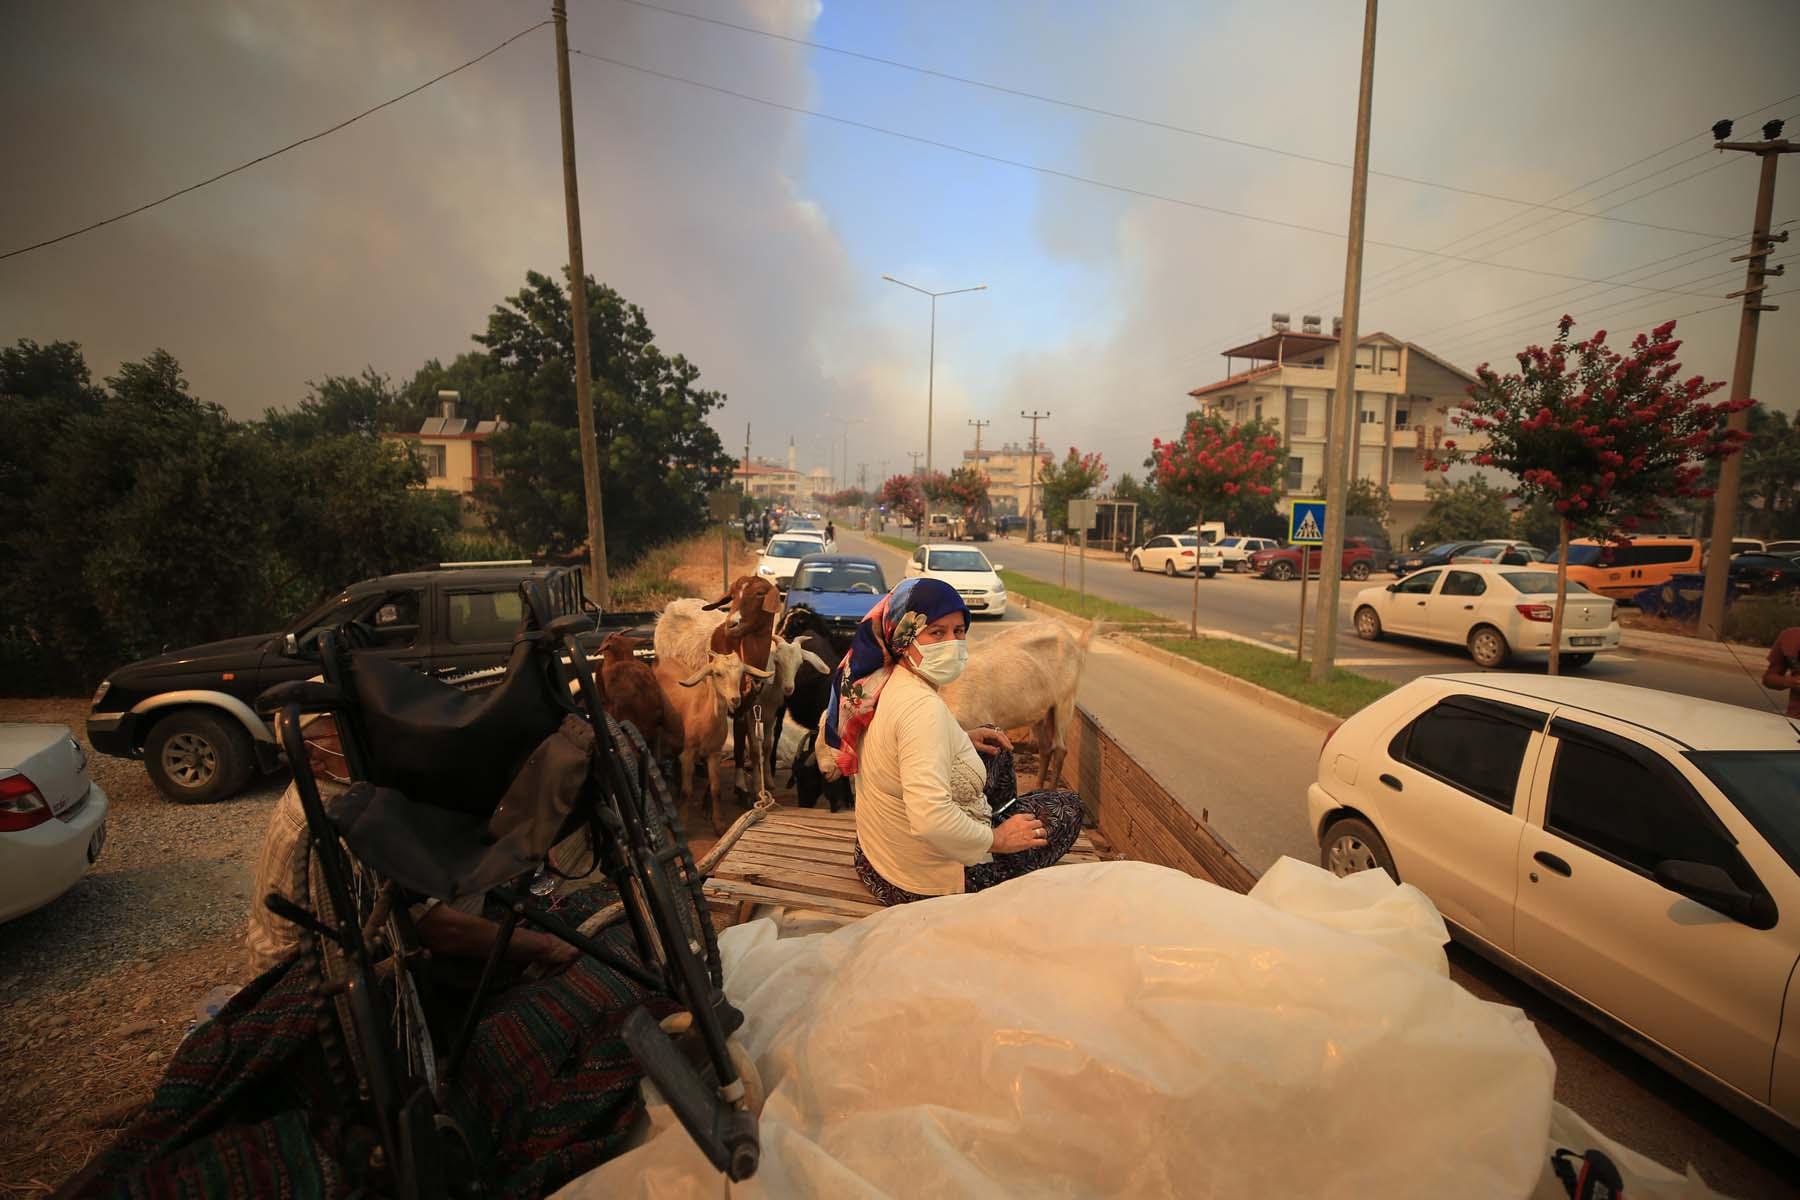 Son dakika | Antalya Manavgat'ta orman yangını! Evler boşaltıldı, ekipler canla başla müdahale ediyor